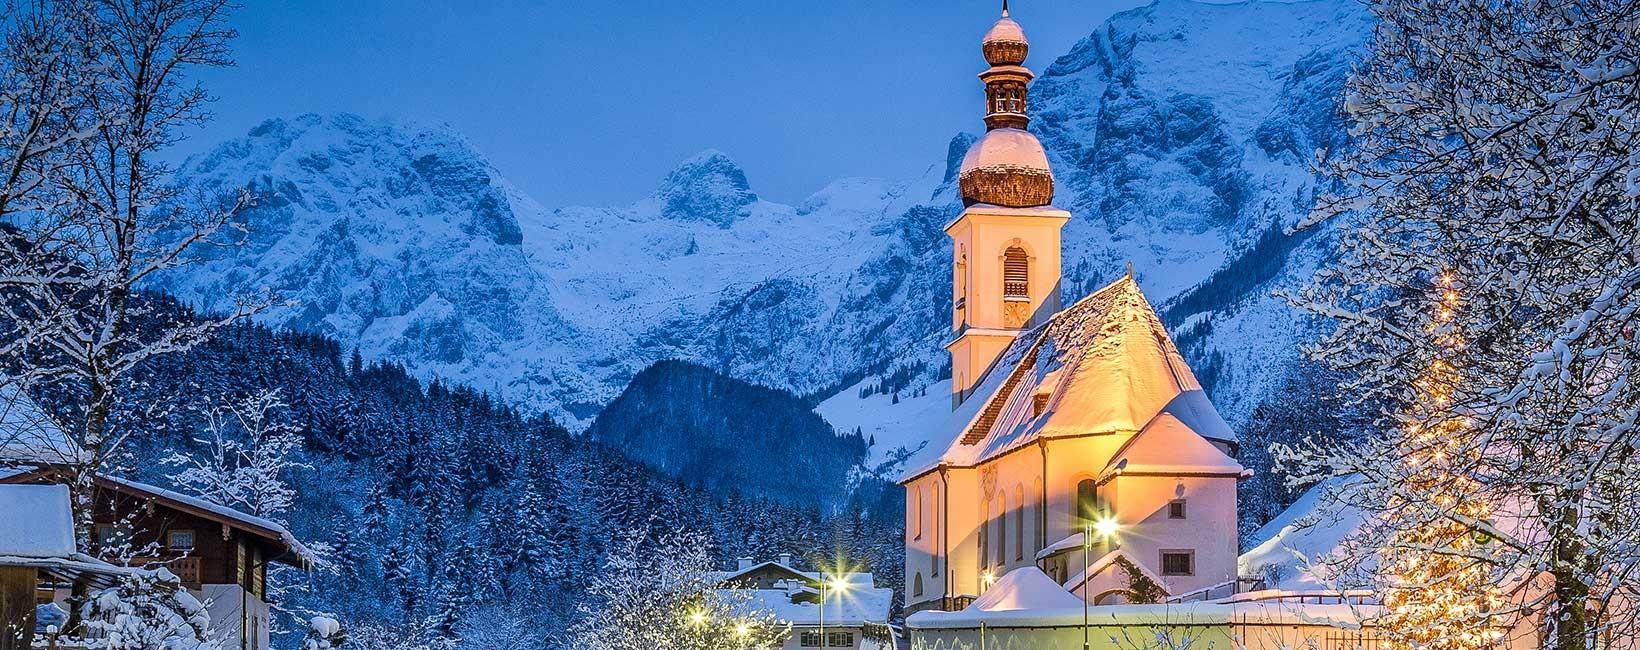 Gastgeber in den 5 Orten in Berchtesgaden - Winter